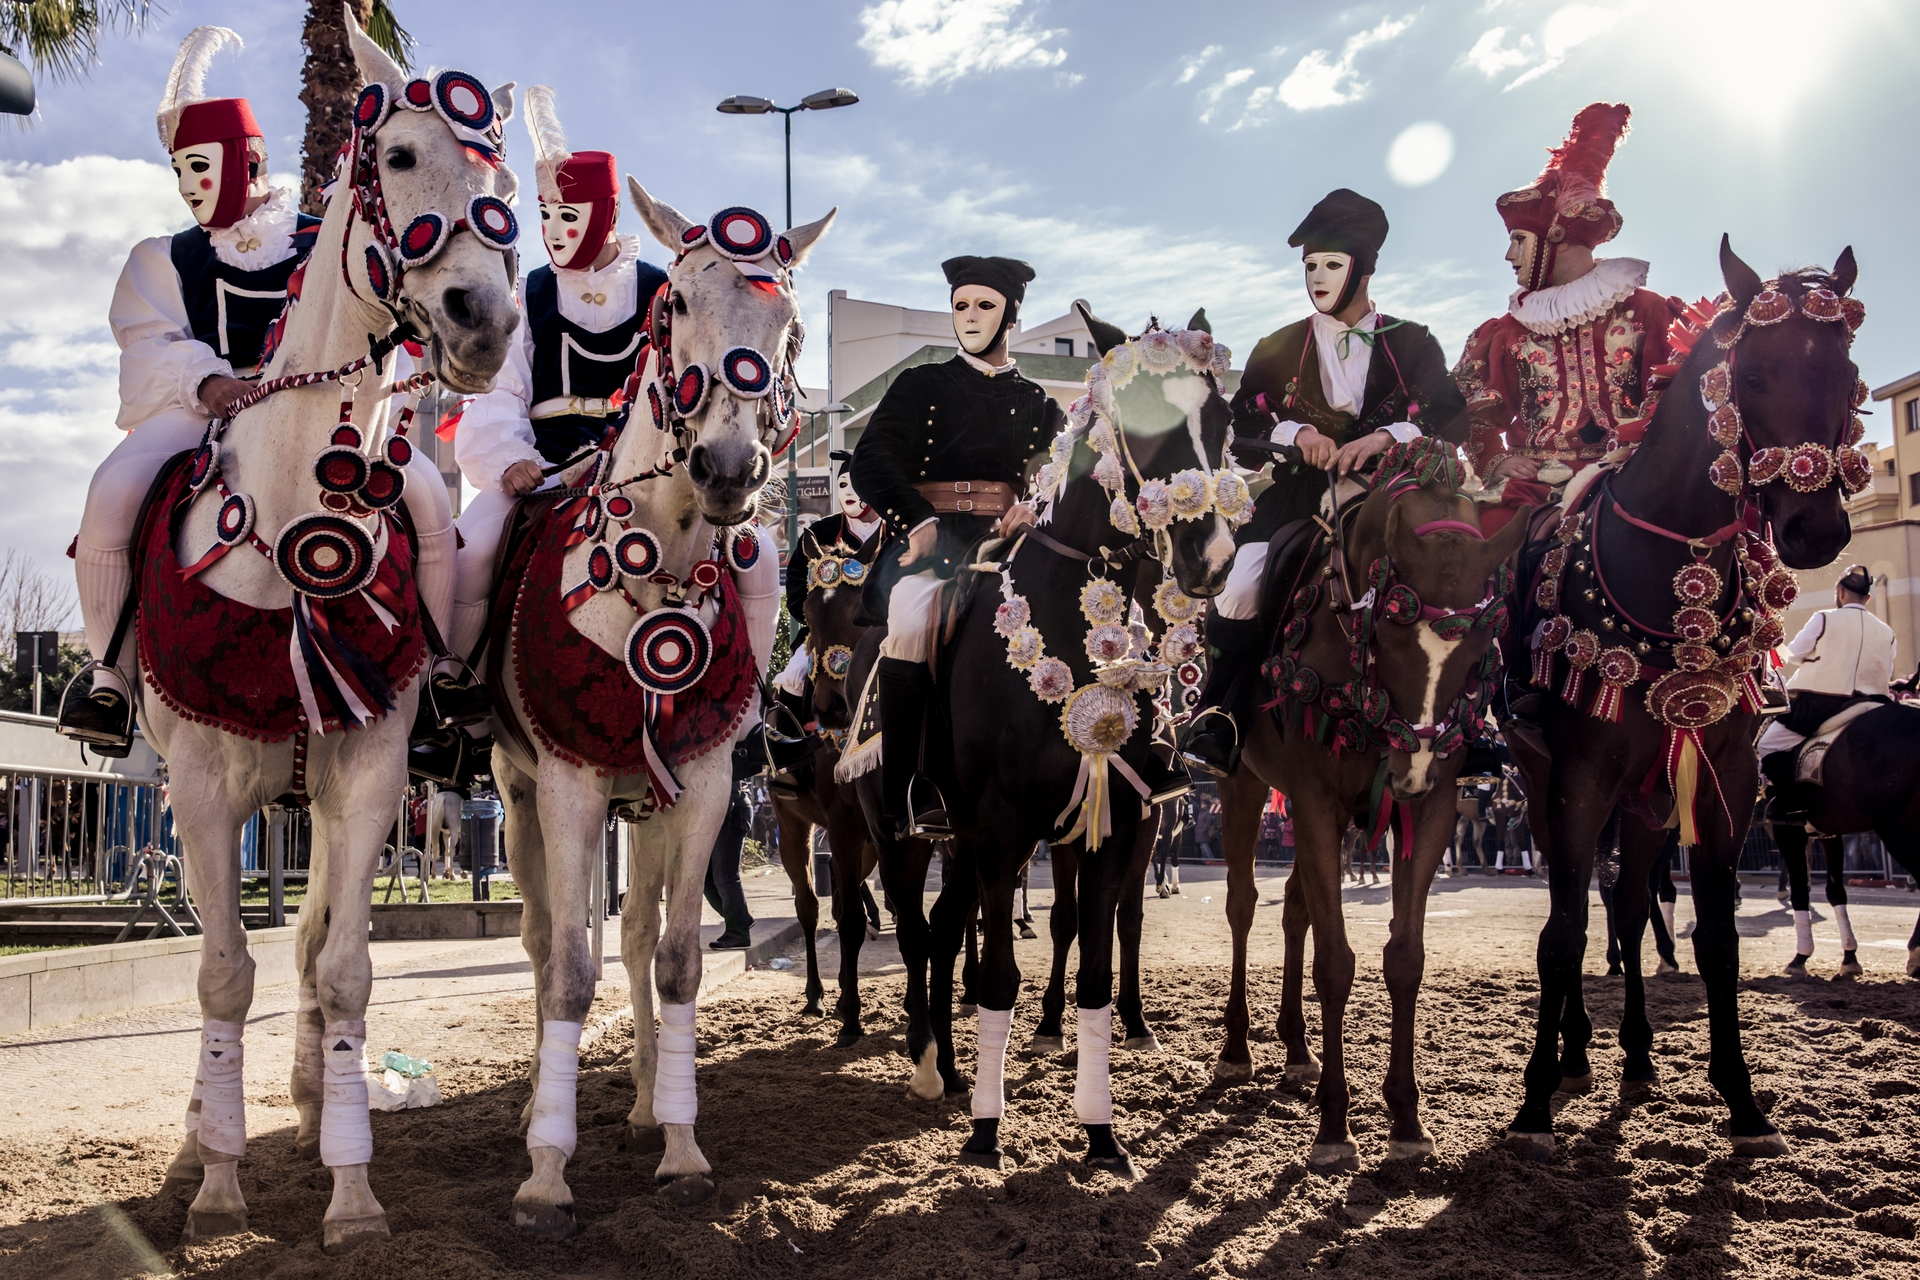 傳統的面貌 - 騎士會用玫瑰狀飾物來幫馬兒精心打扮一番,而他們自身則穿著薩丁尼亞與西班牙各村落的傳統服飾。薩爾提里亞節的部分傳統源於早年的西班牙統治者所舉辦的馬背長槍比武大賽。PHOTOGRAPH BY MICHELE ARDU